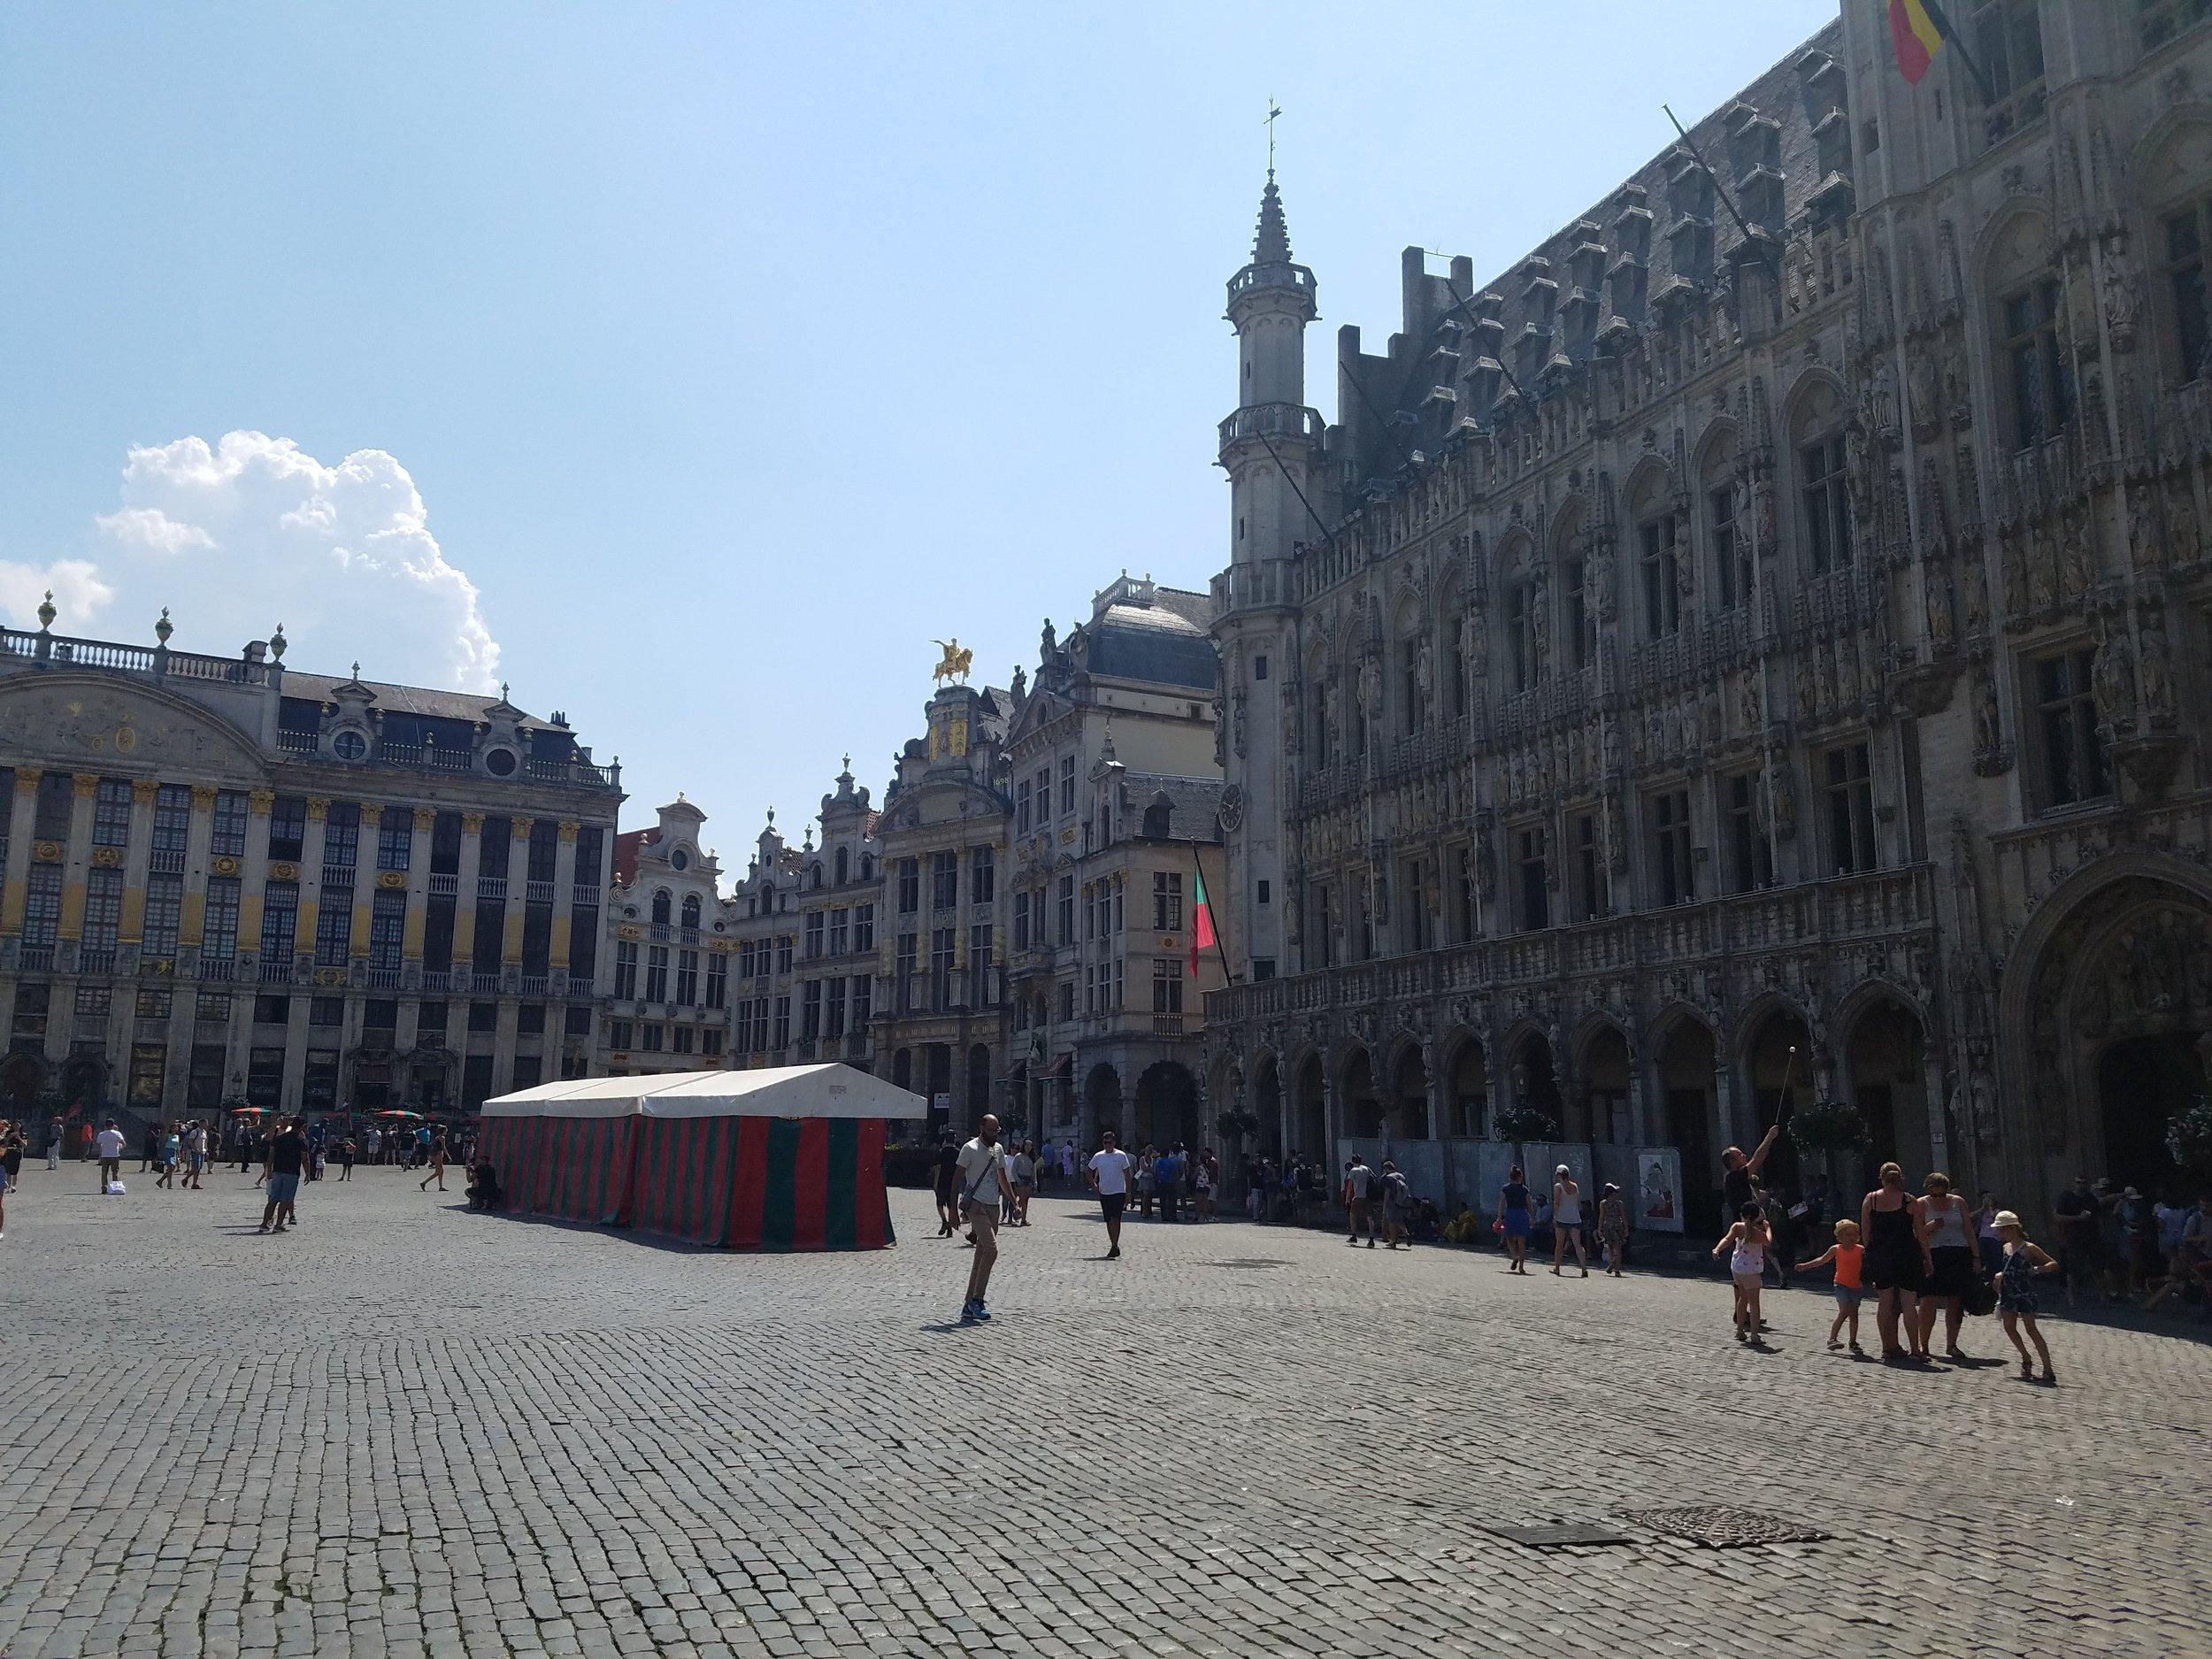 Grote Markt (dutch name) aka